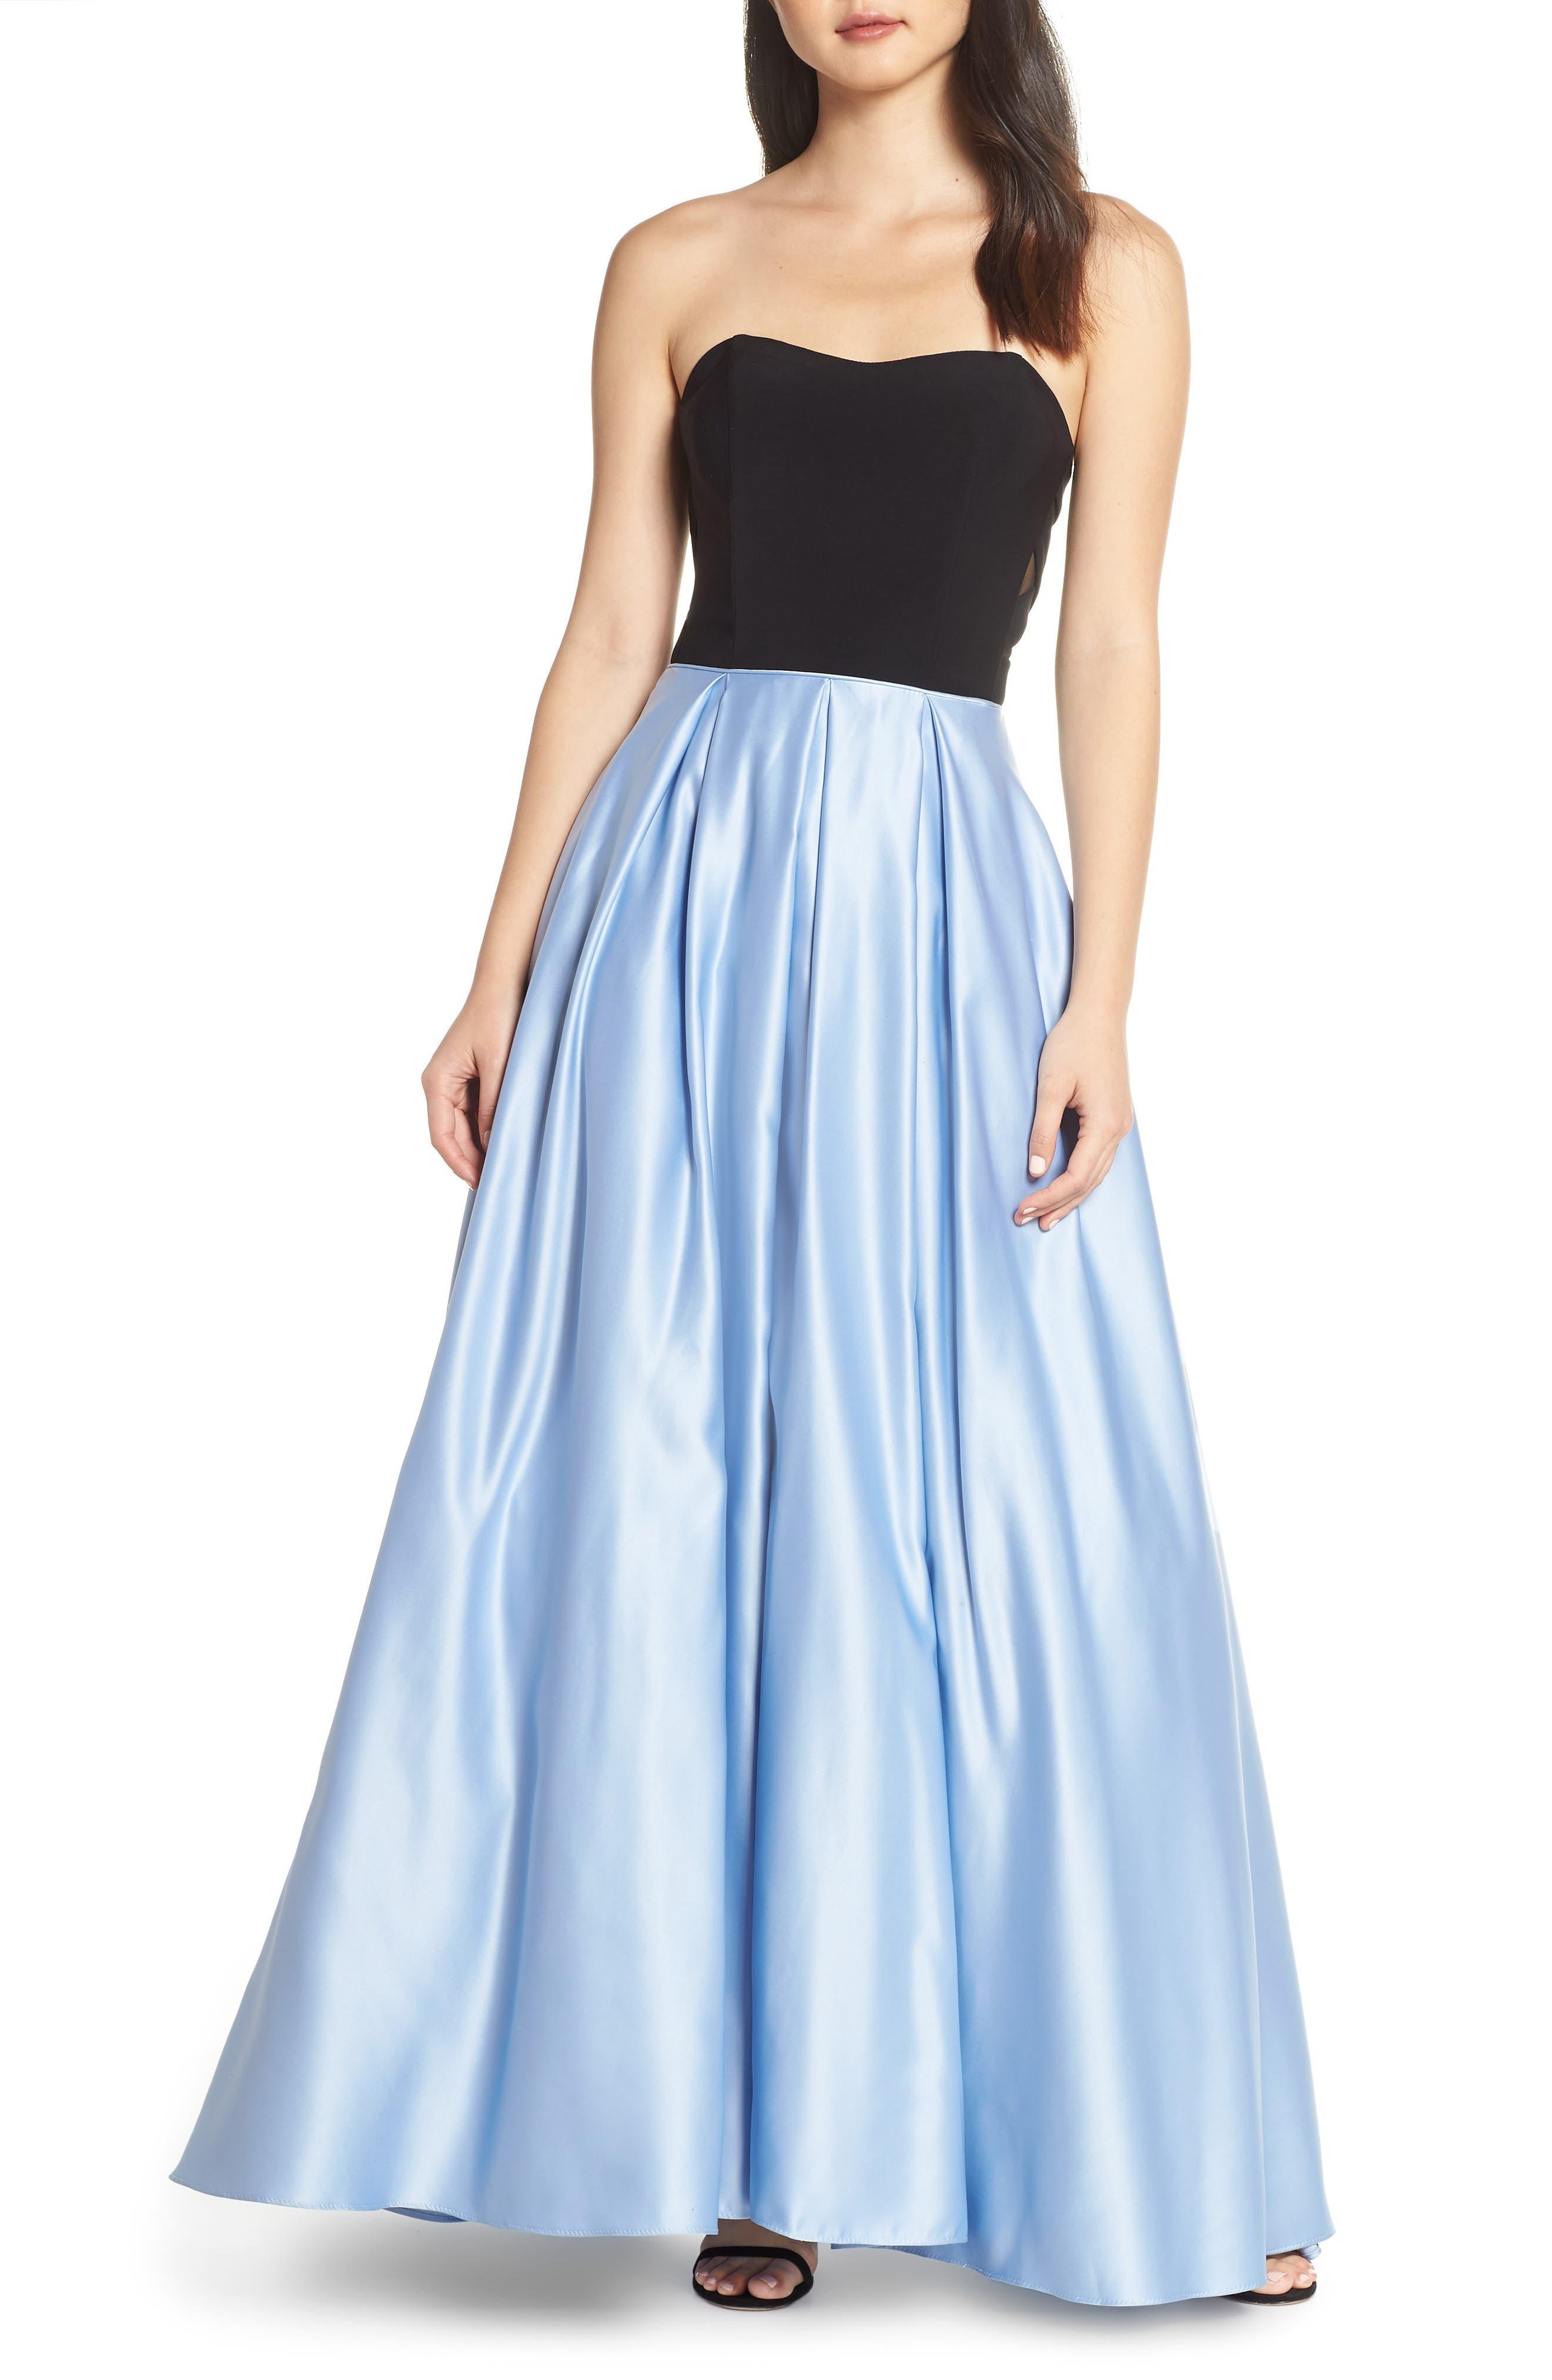 Blondie Nites Strapless Satin Evening Dress, Blue